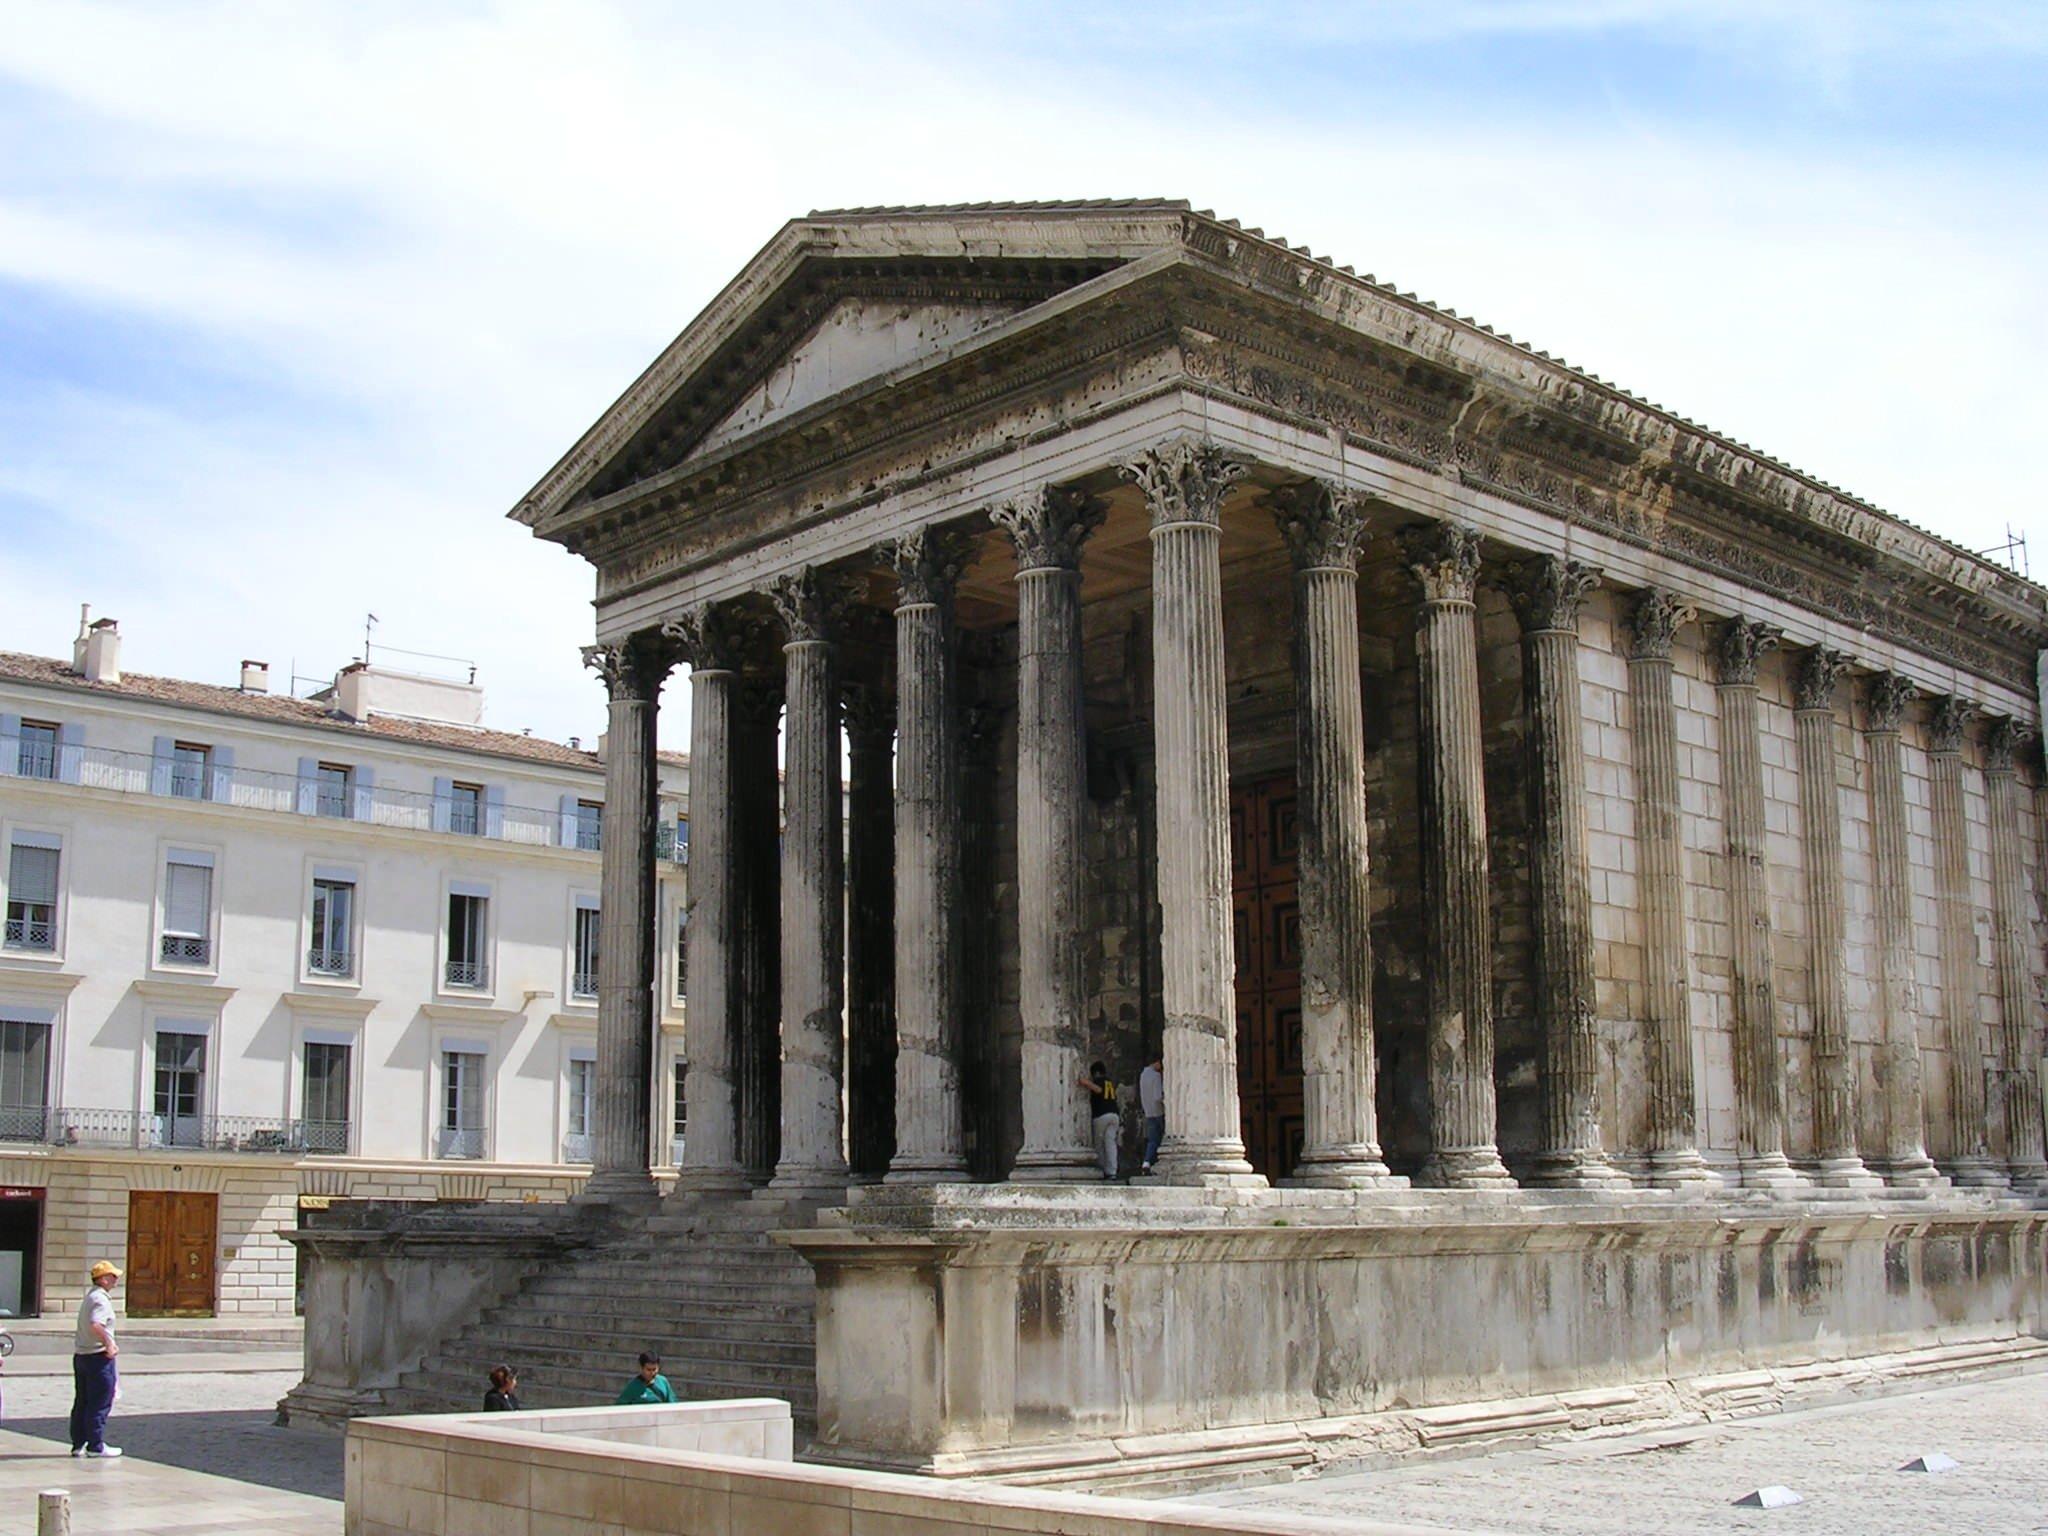 Ancient roman architecture buildings